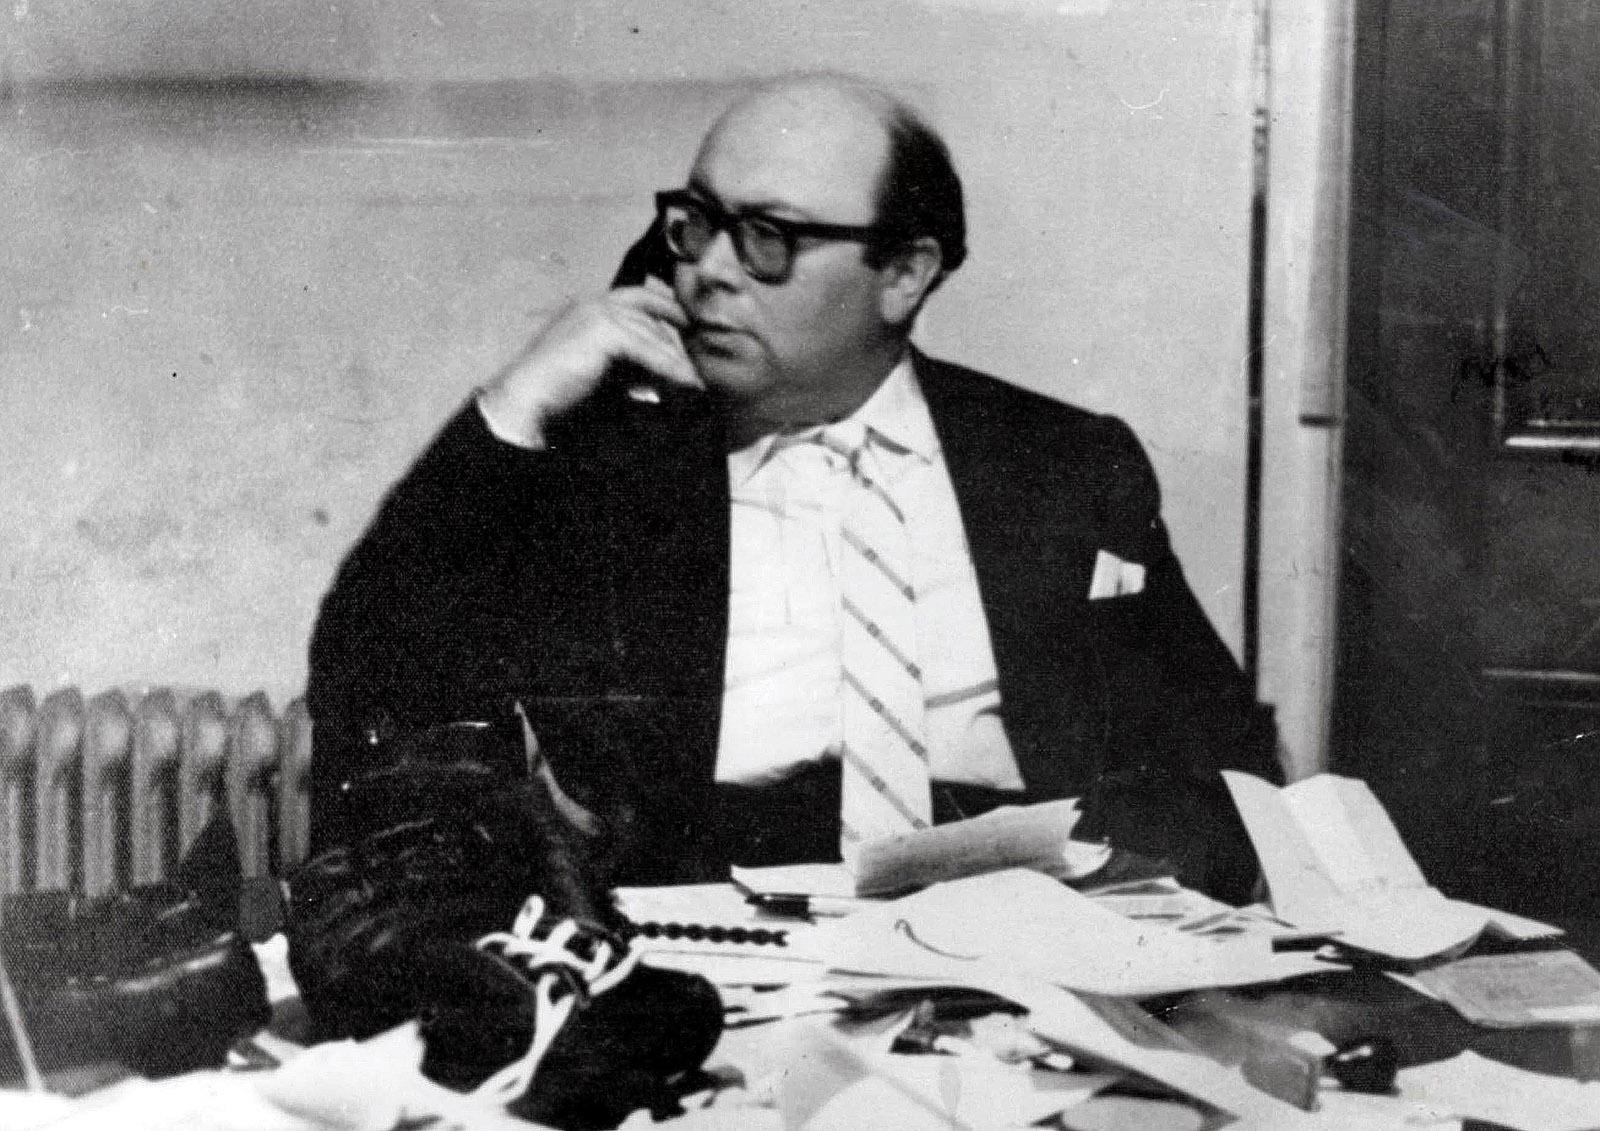 Businessman Peter Rachman at work, circa 1960